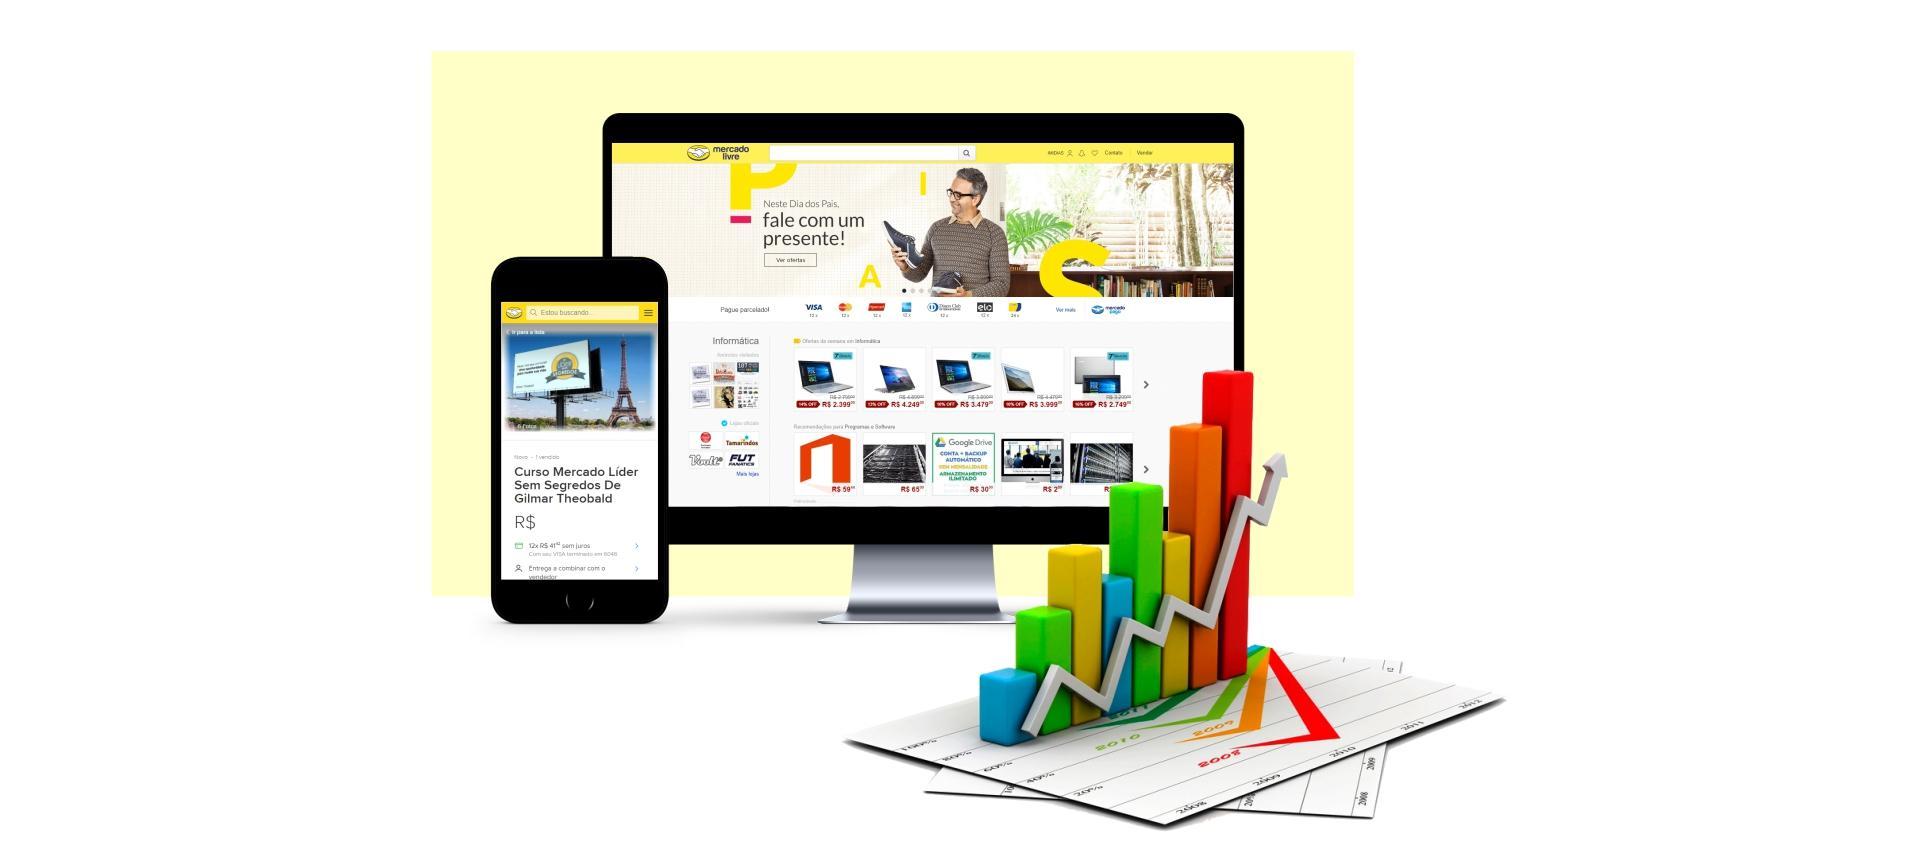 Como aumentar visitas em seus anúncios no Mercado Livre